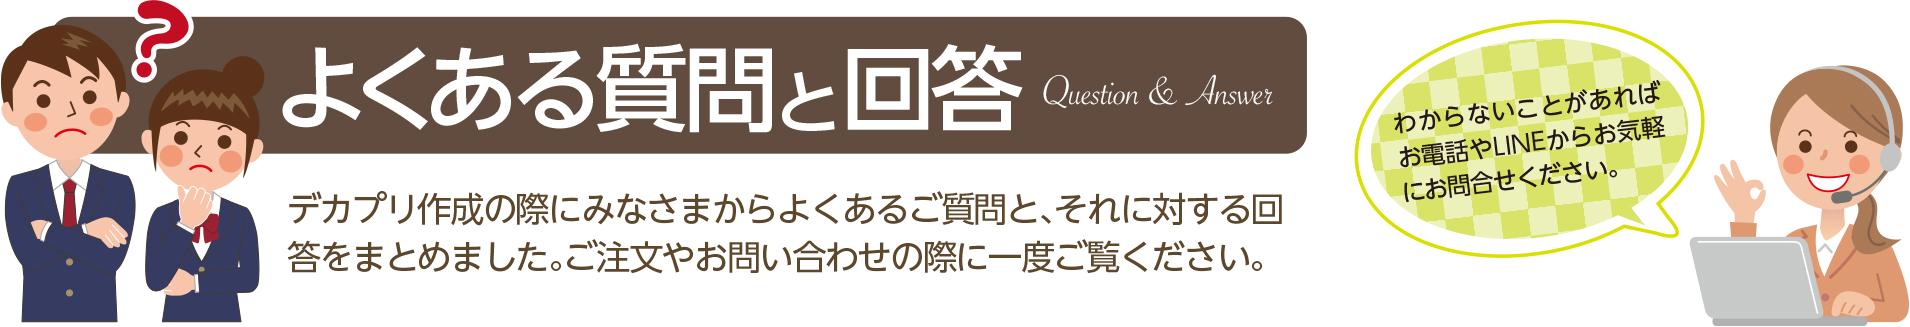 クラスTシャツよくある質問と回答